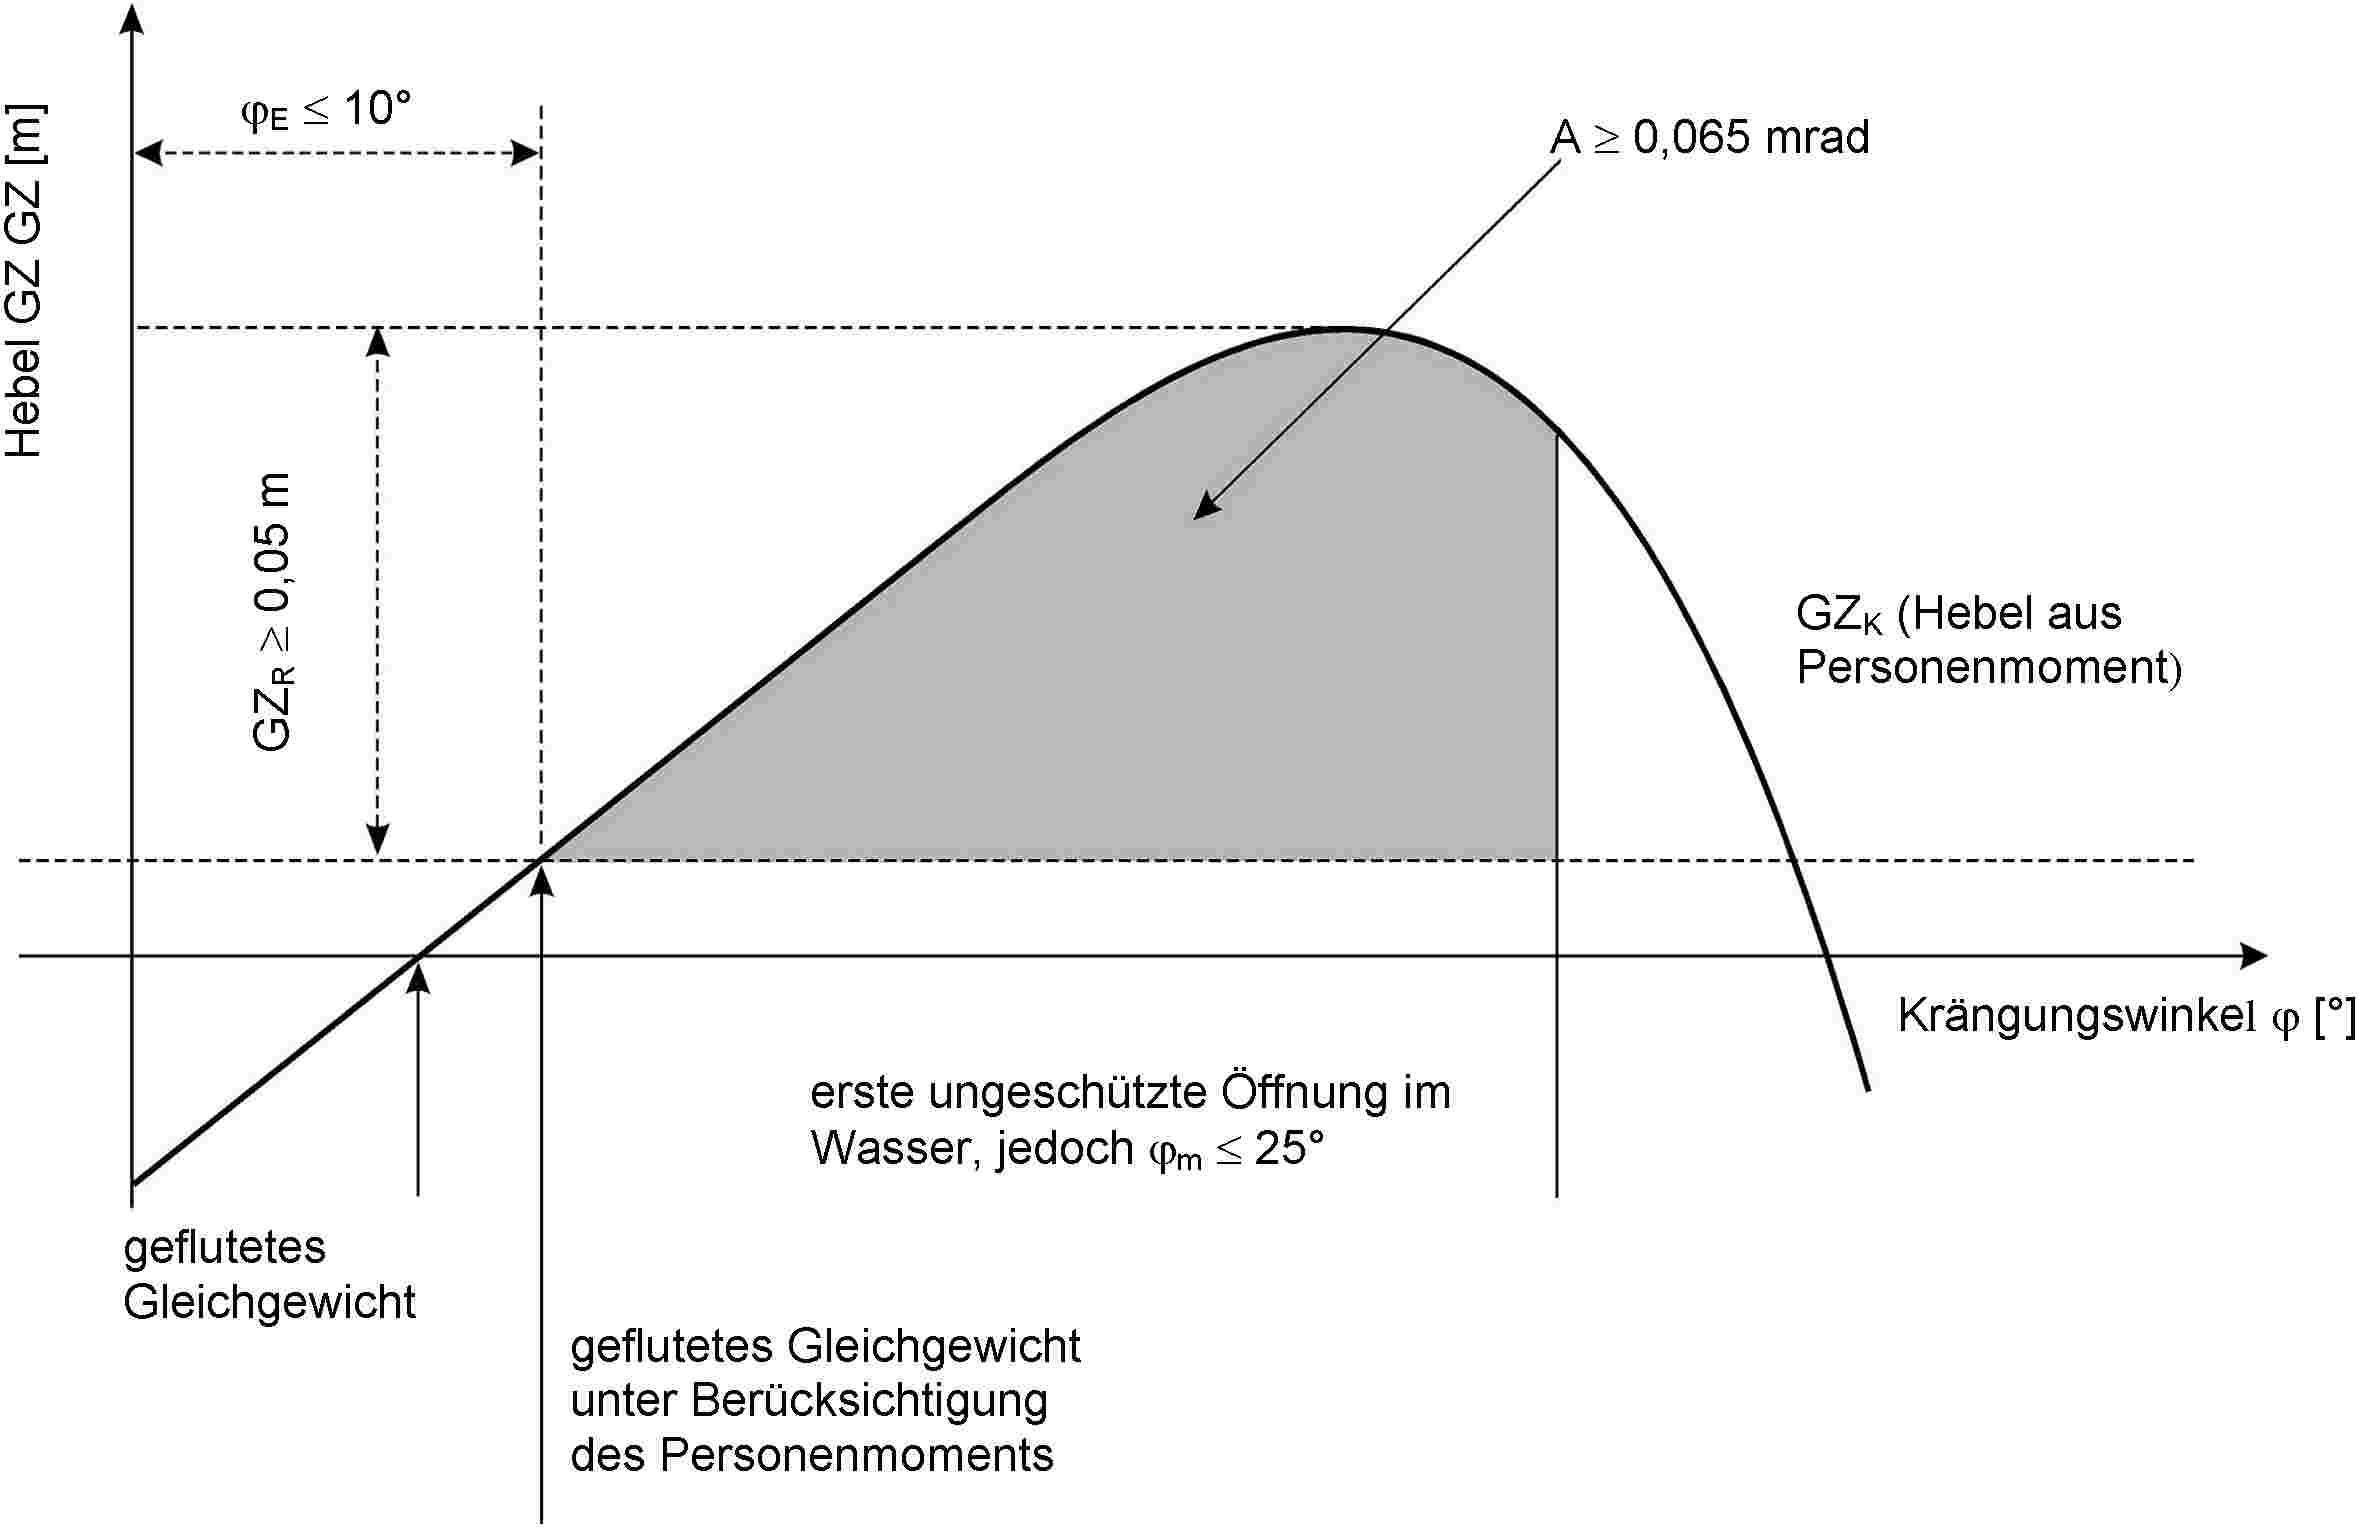 Großzügig Msd Verdrahtungsschema Ausweichen Fotos - Der Schaltplan ...